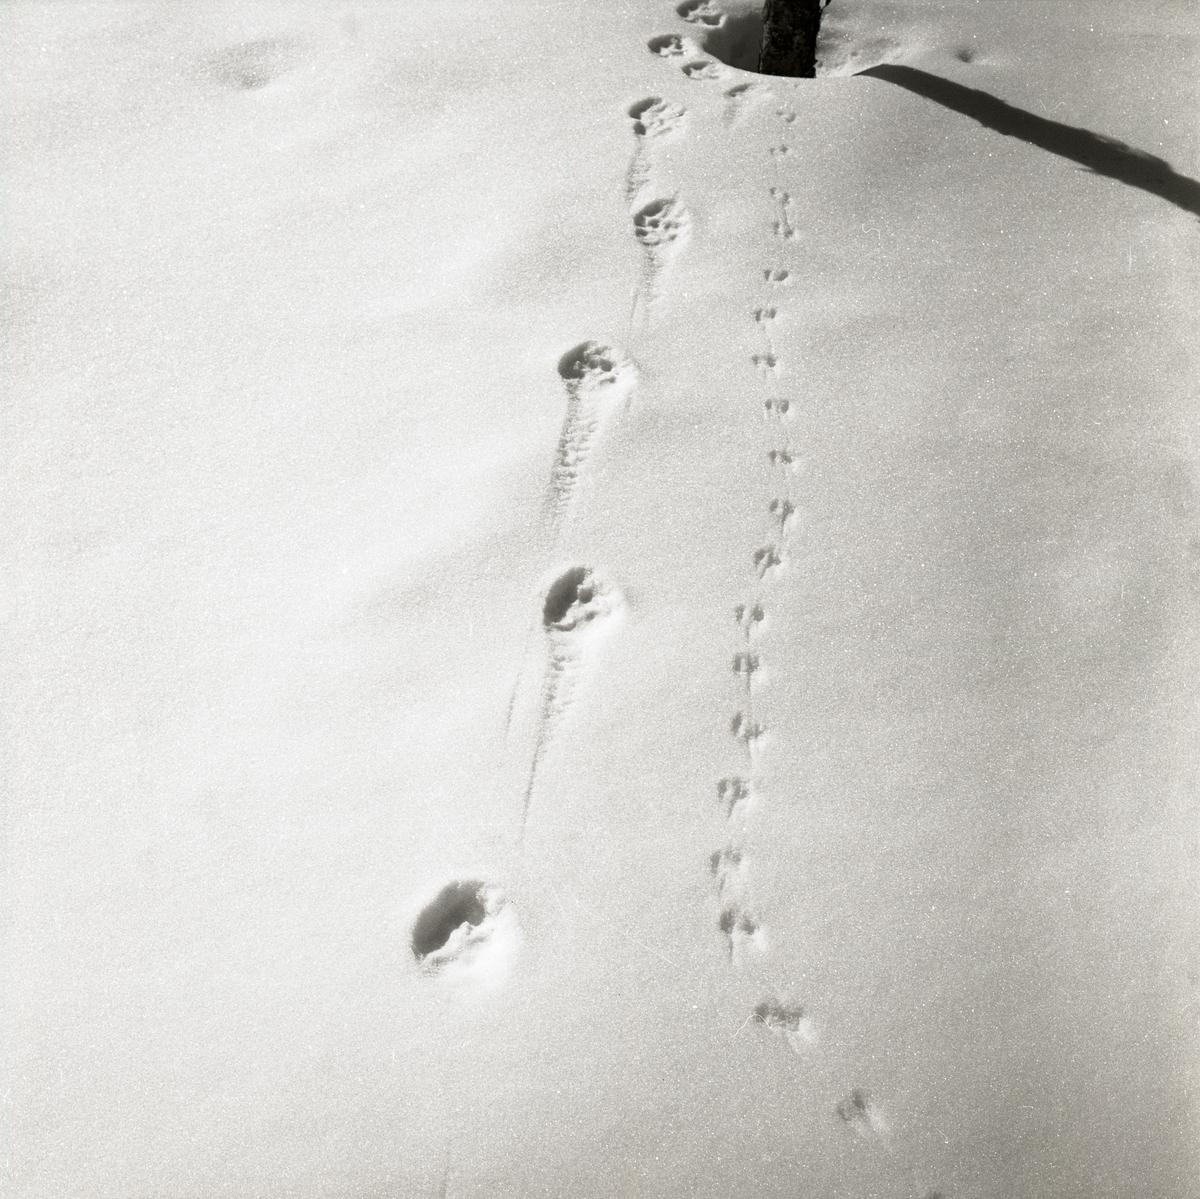 Rävspår jämte musspår i snön, 1966.